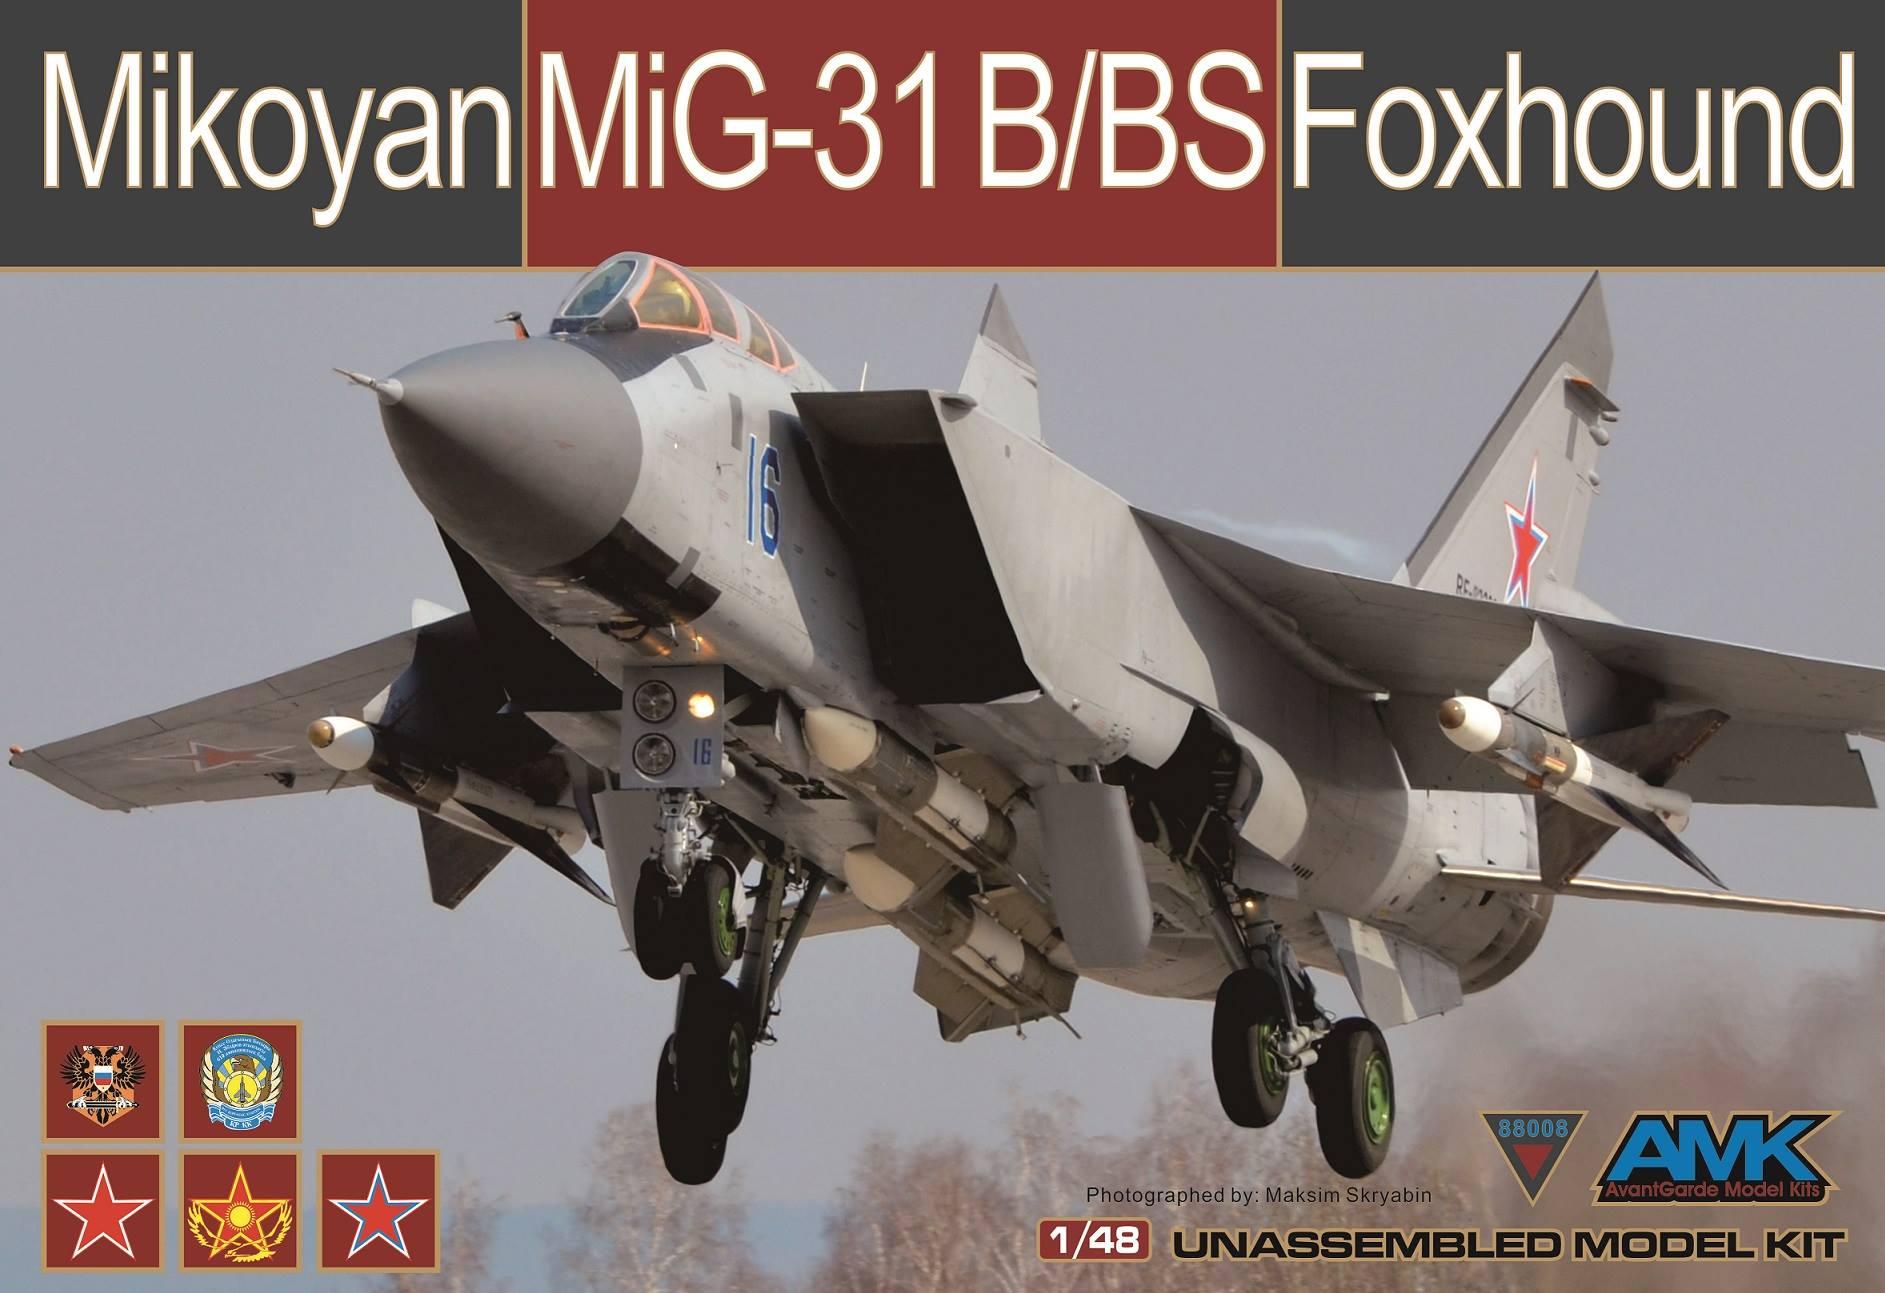 Модель самолета AMK 1/48 Mikoyan MiG31 B/BS Foxhound